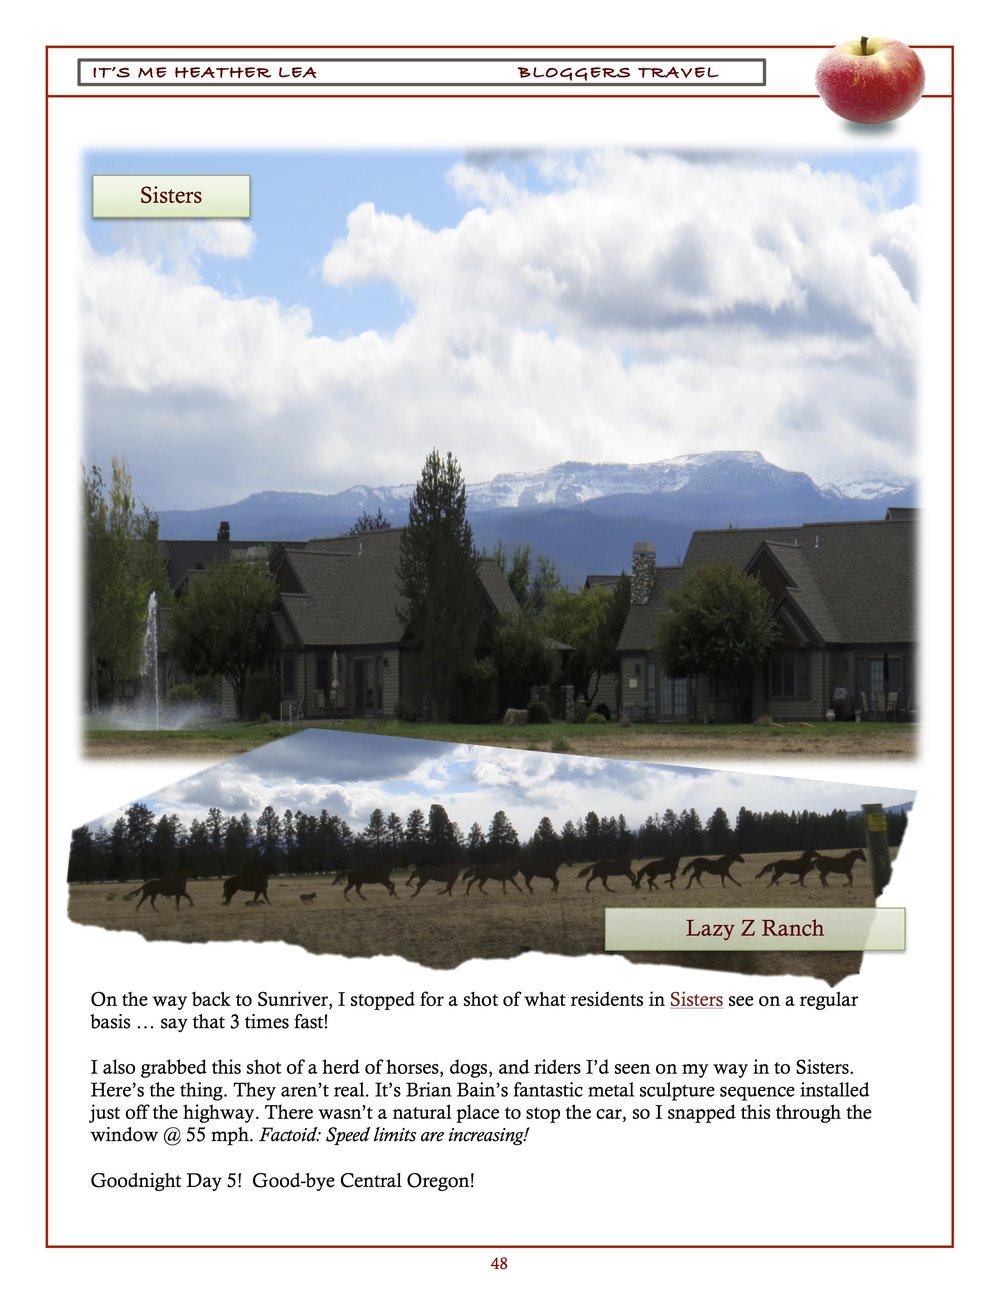 CO Trip Newsletter Revised 48.jpg